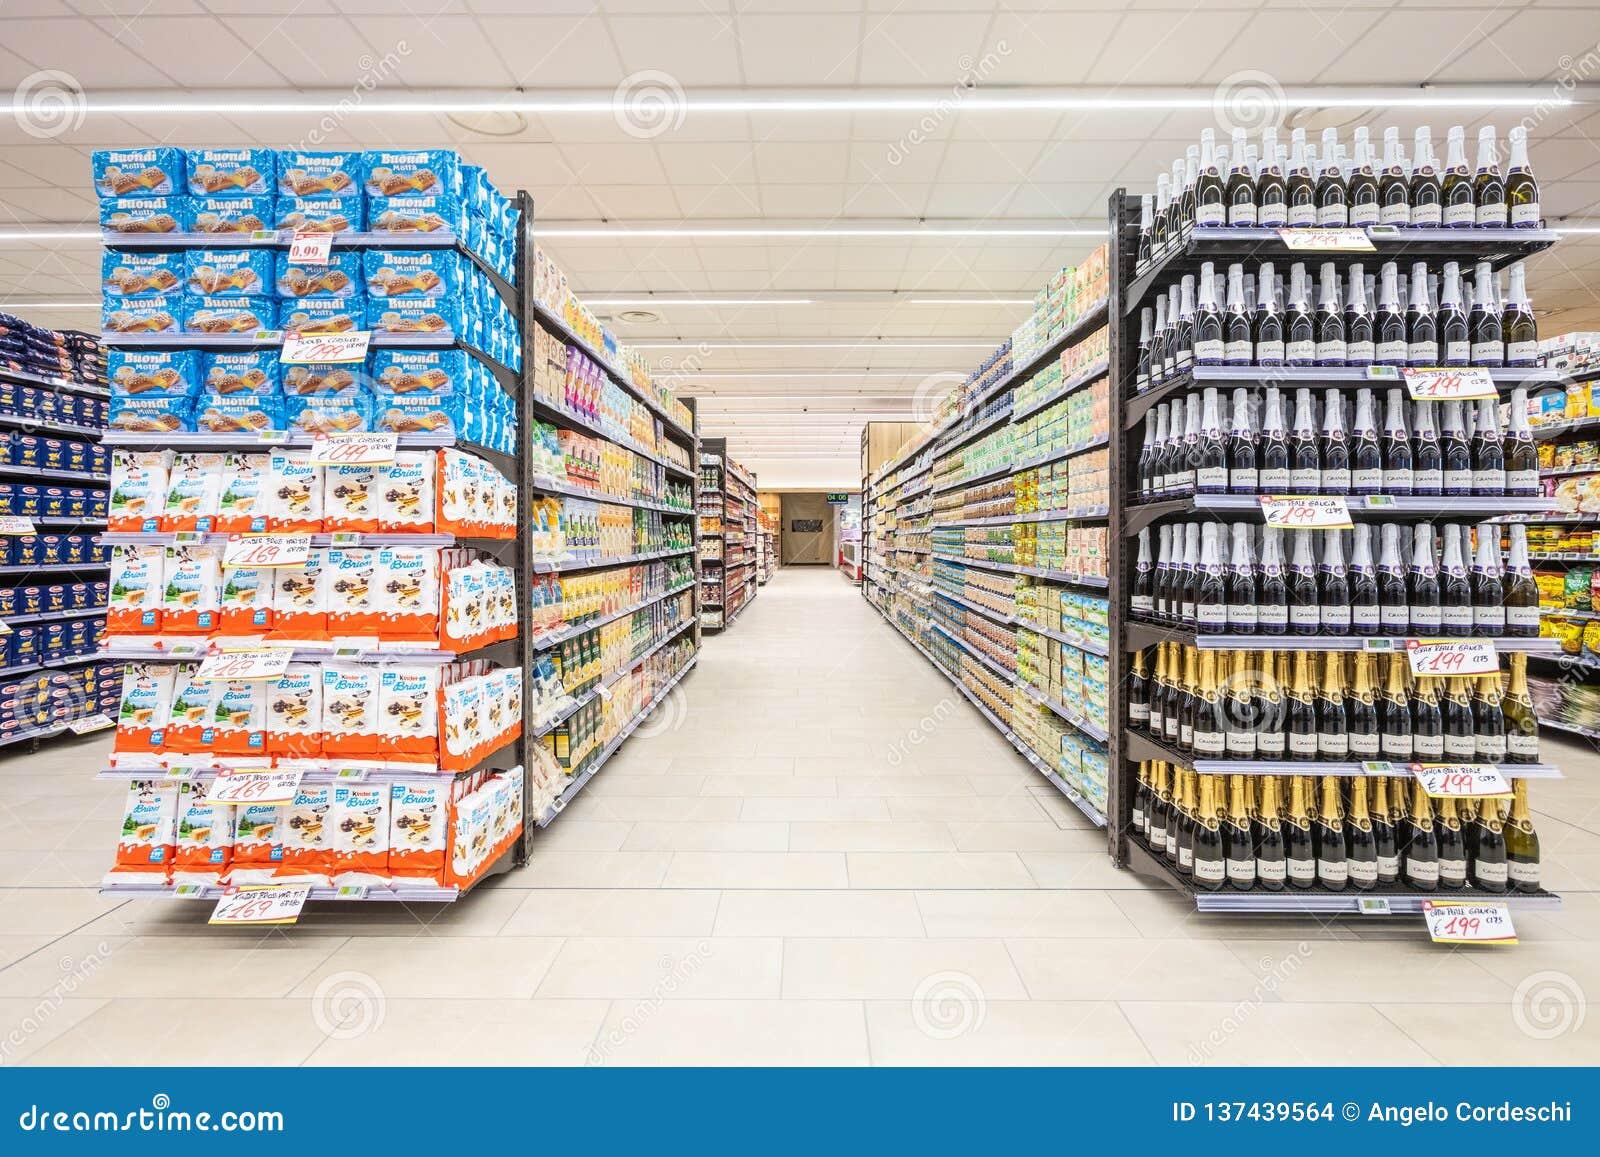 Vicoli degli scaffali con la navata laterale dei prodotti delle merci dentro un supermercato